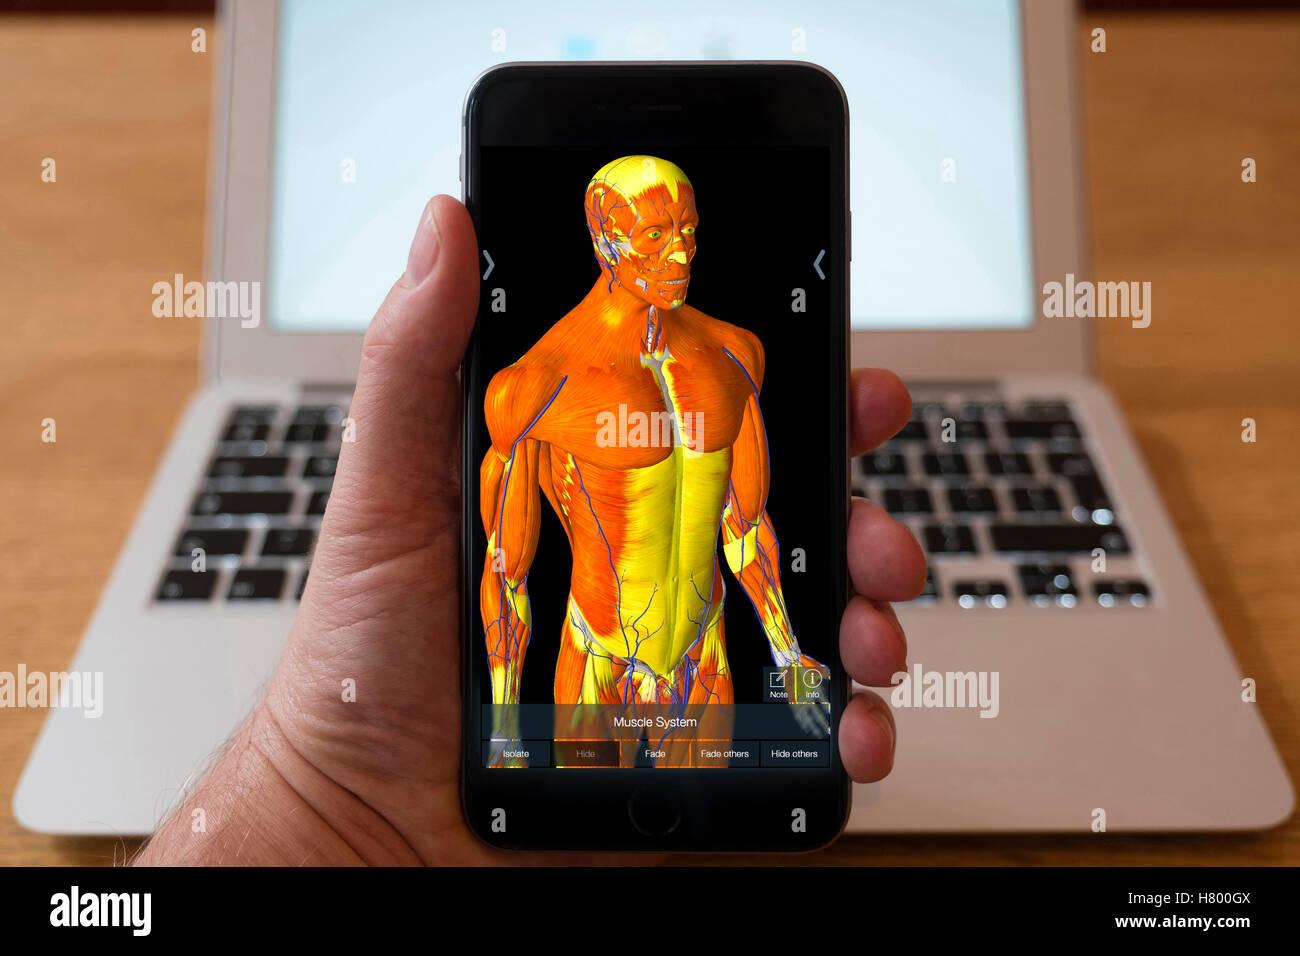 Excelente Aplicaciones De Anatomía Para Iphone Patrón - Anatomía de ...